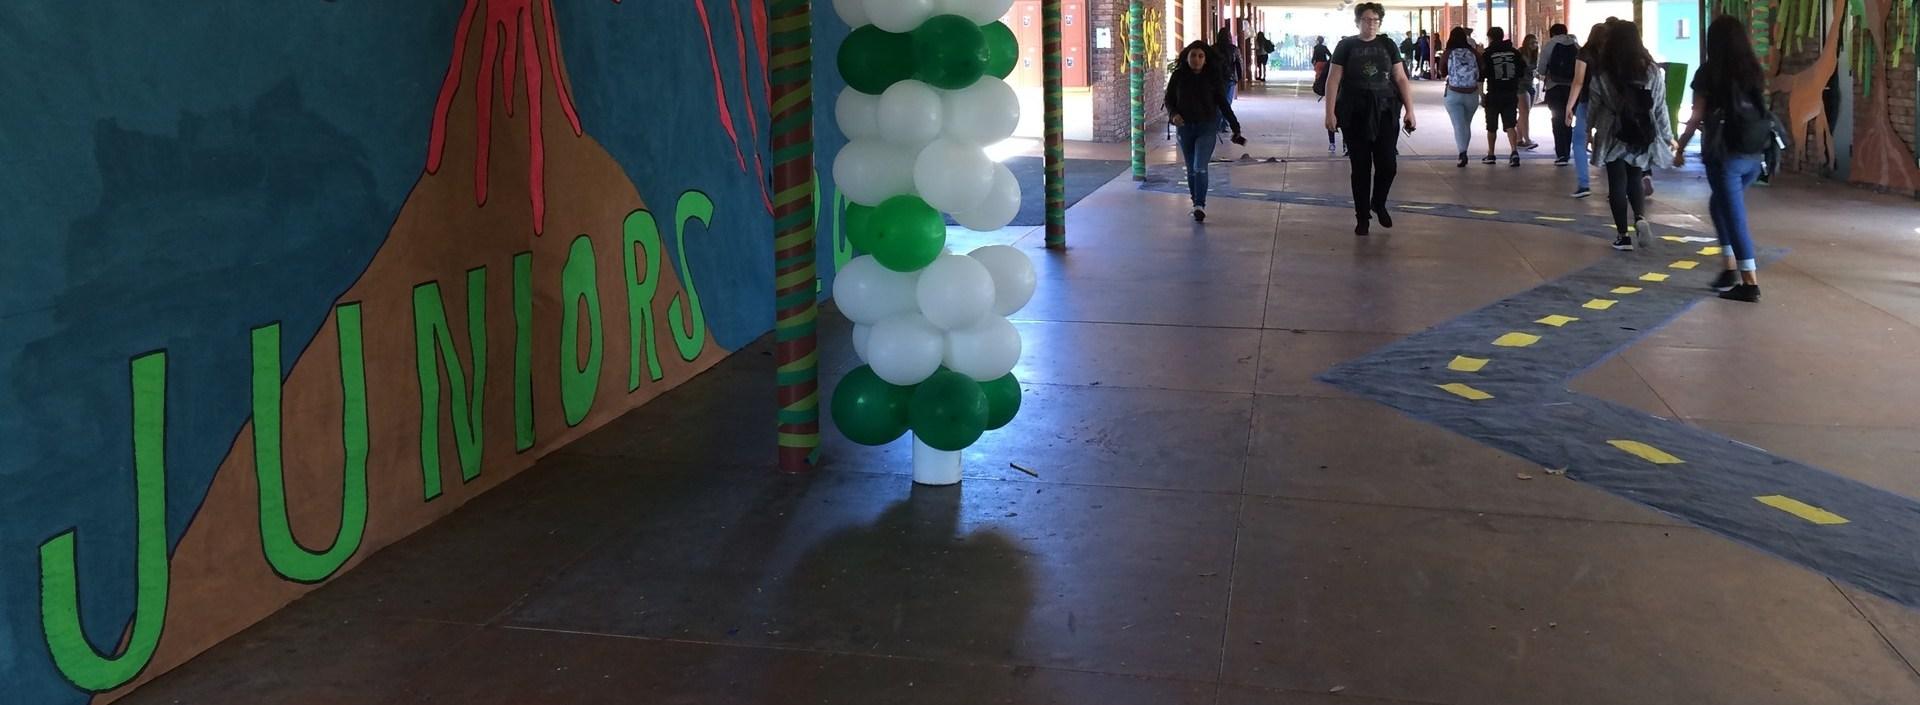 Image of Juniors banner in main campus corridor